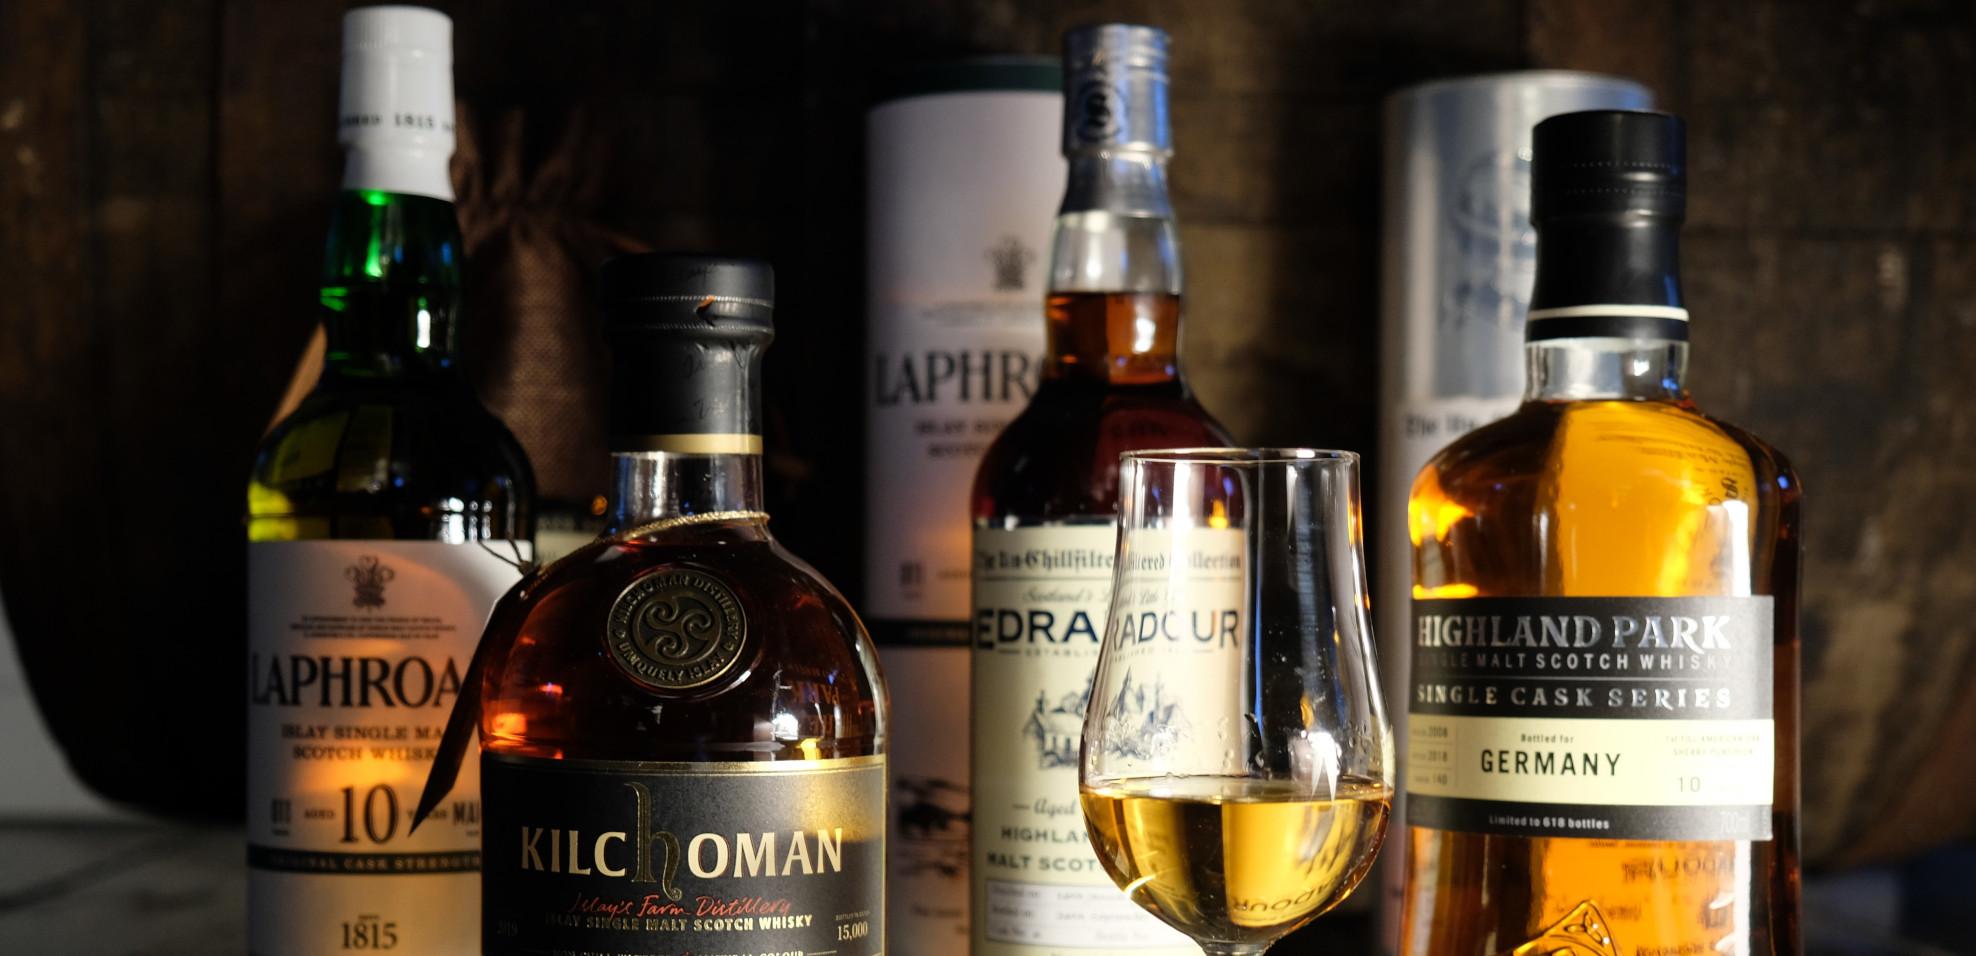 mehrere Flaschen Whisky vor einem Fass